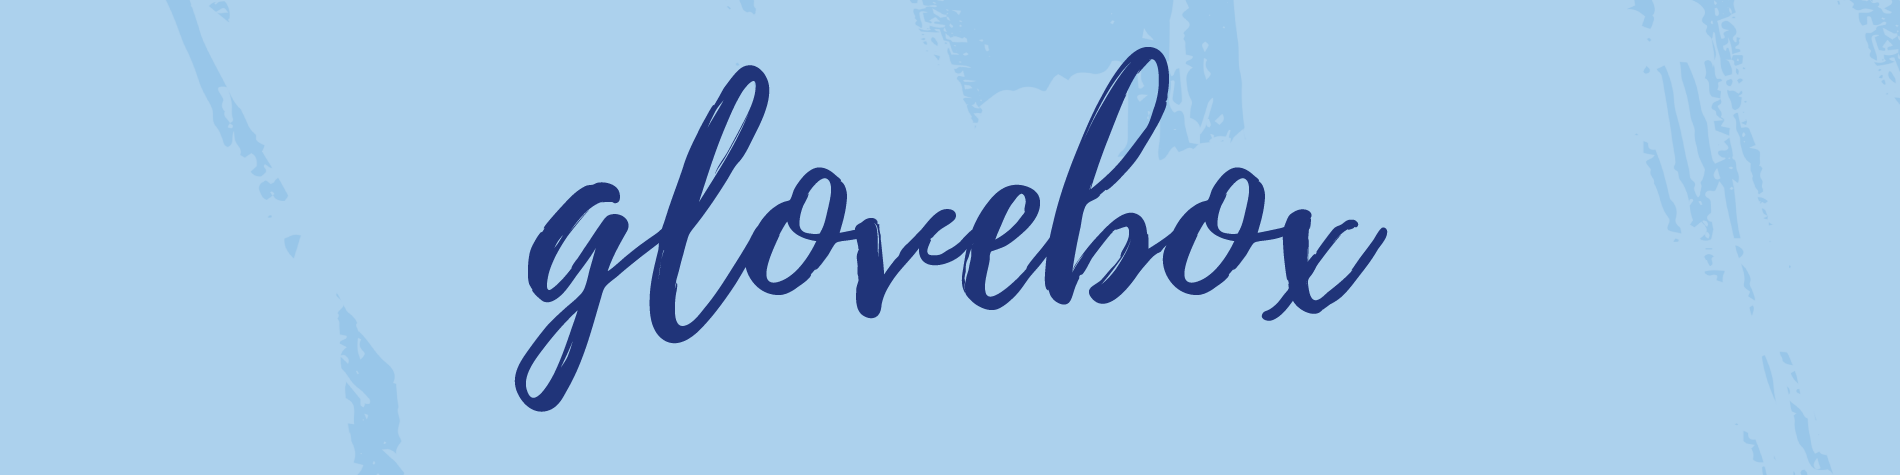 glovebox banner